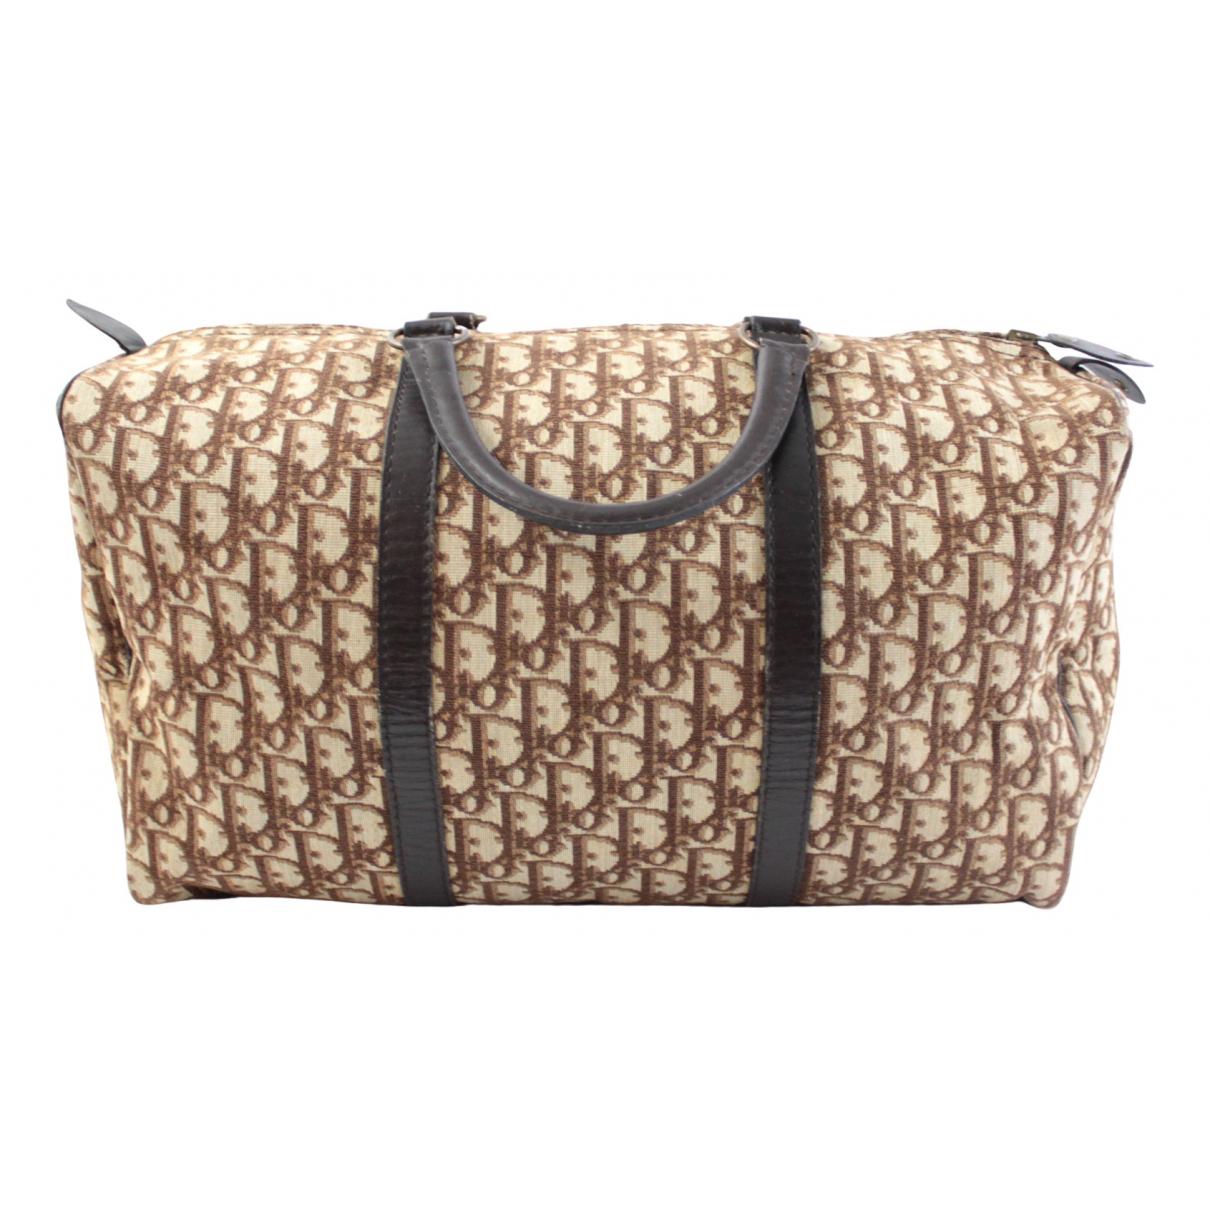 Bolso de viaje de Lona Dior